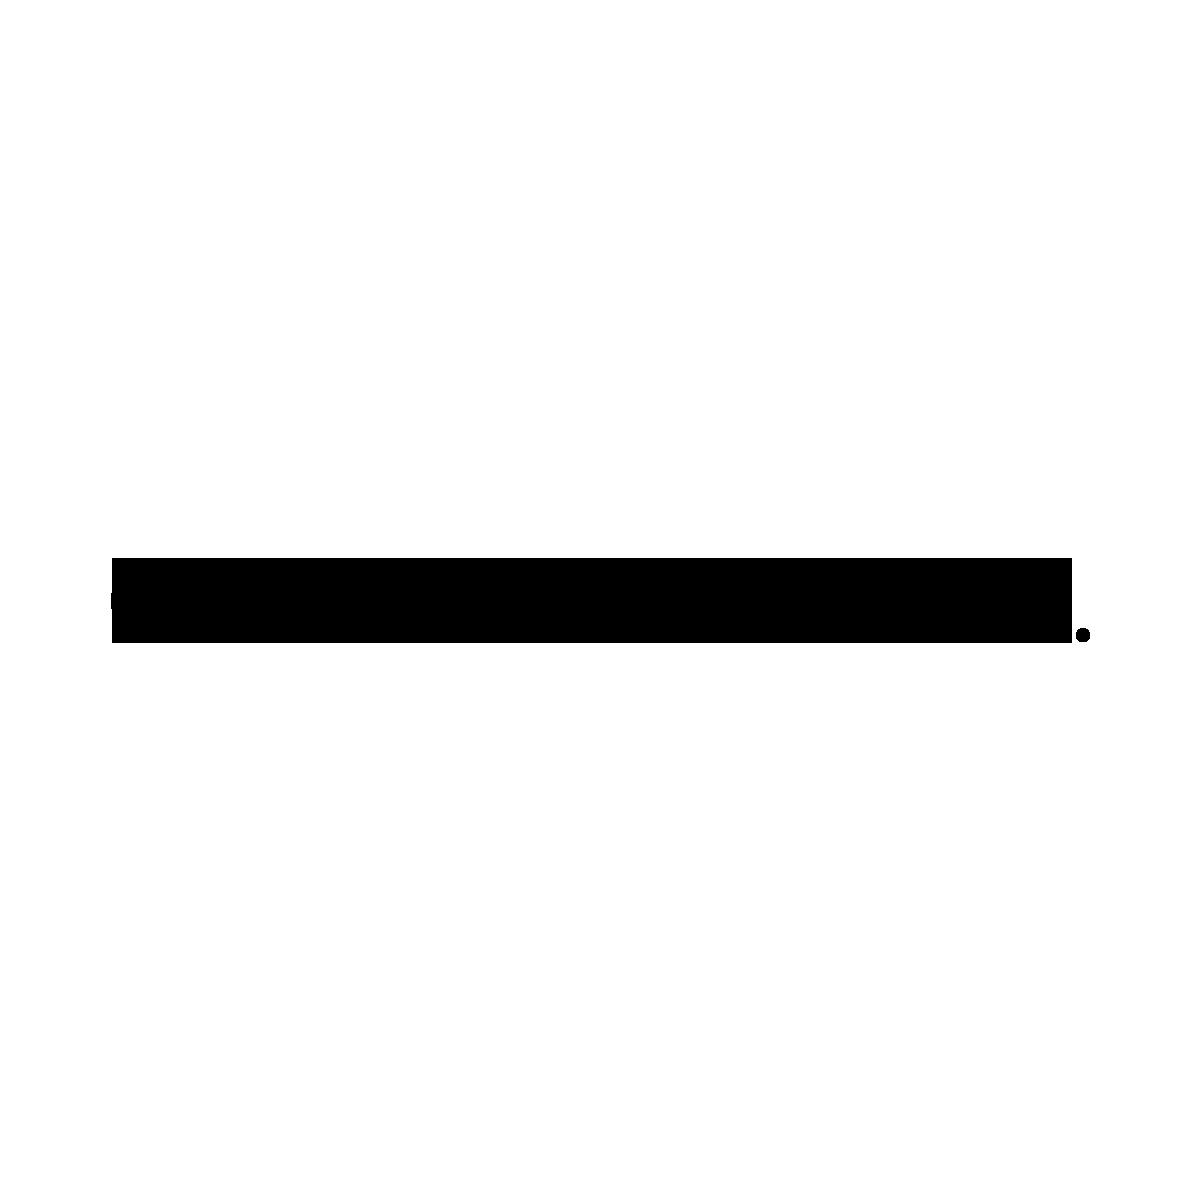 Sneaker-glad-leer-met-neoprene-sok-geel-